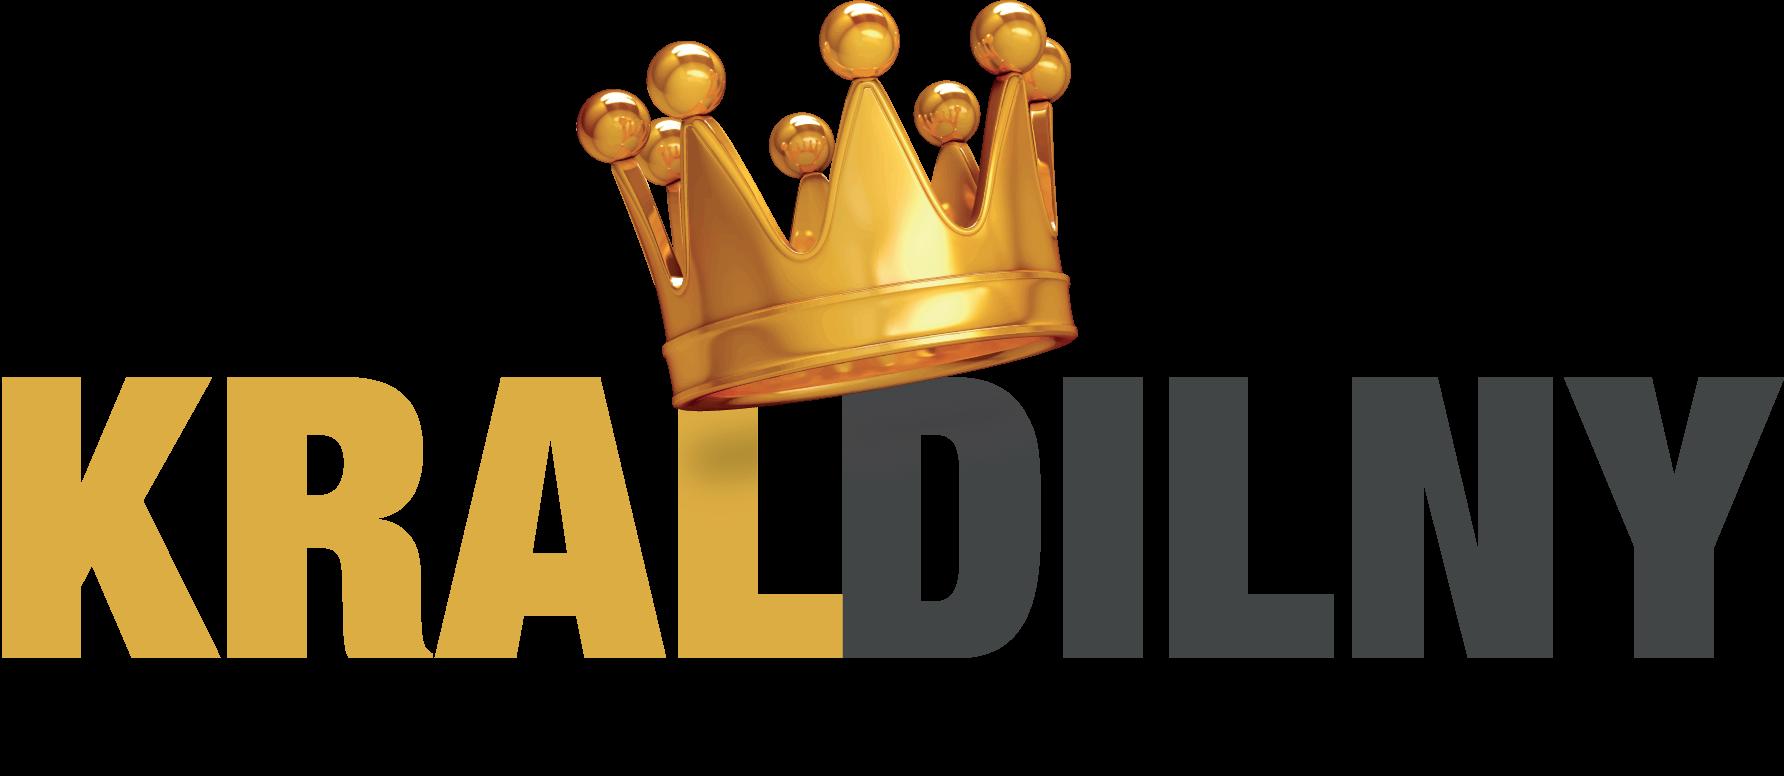 Král dílny